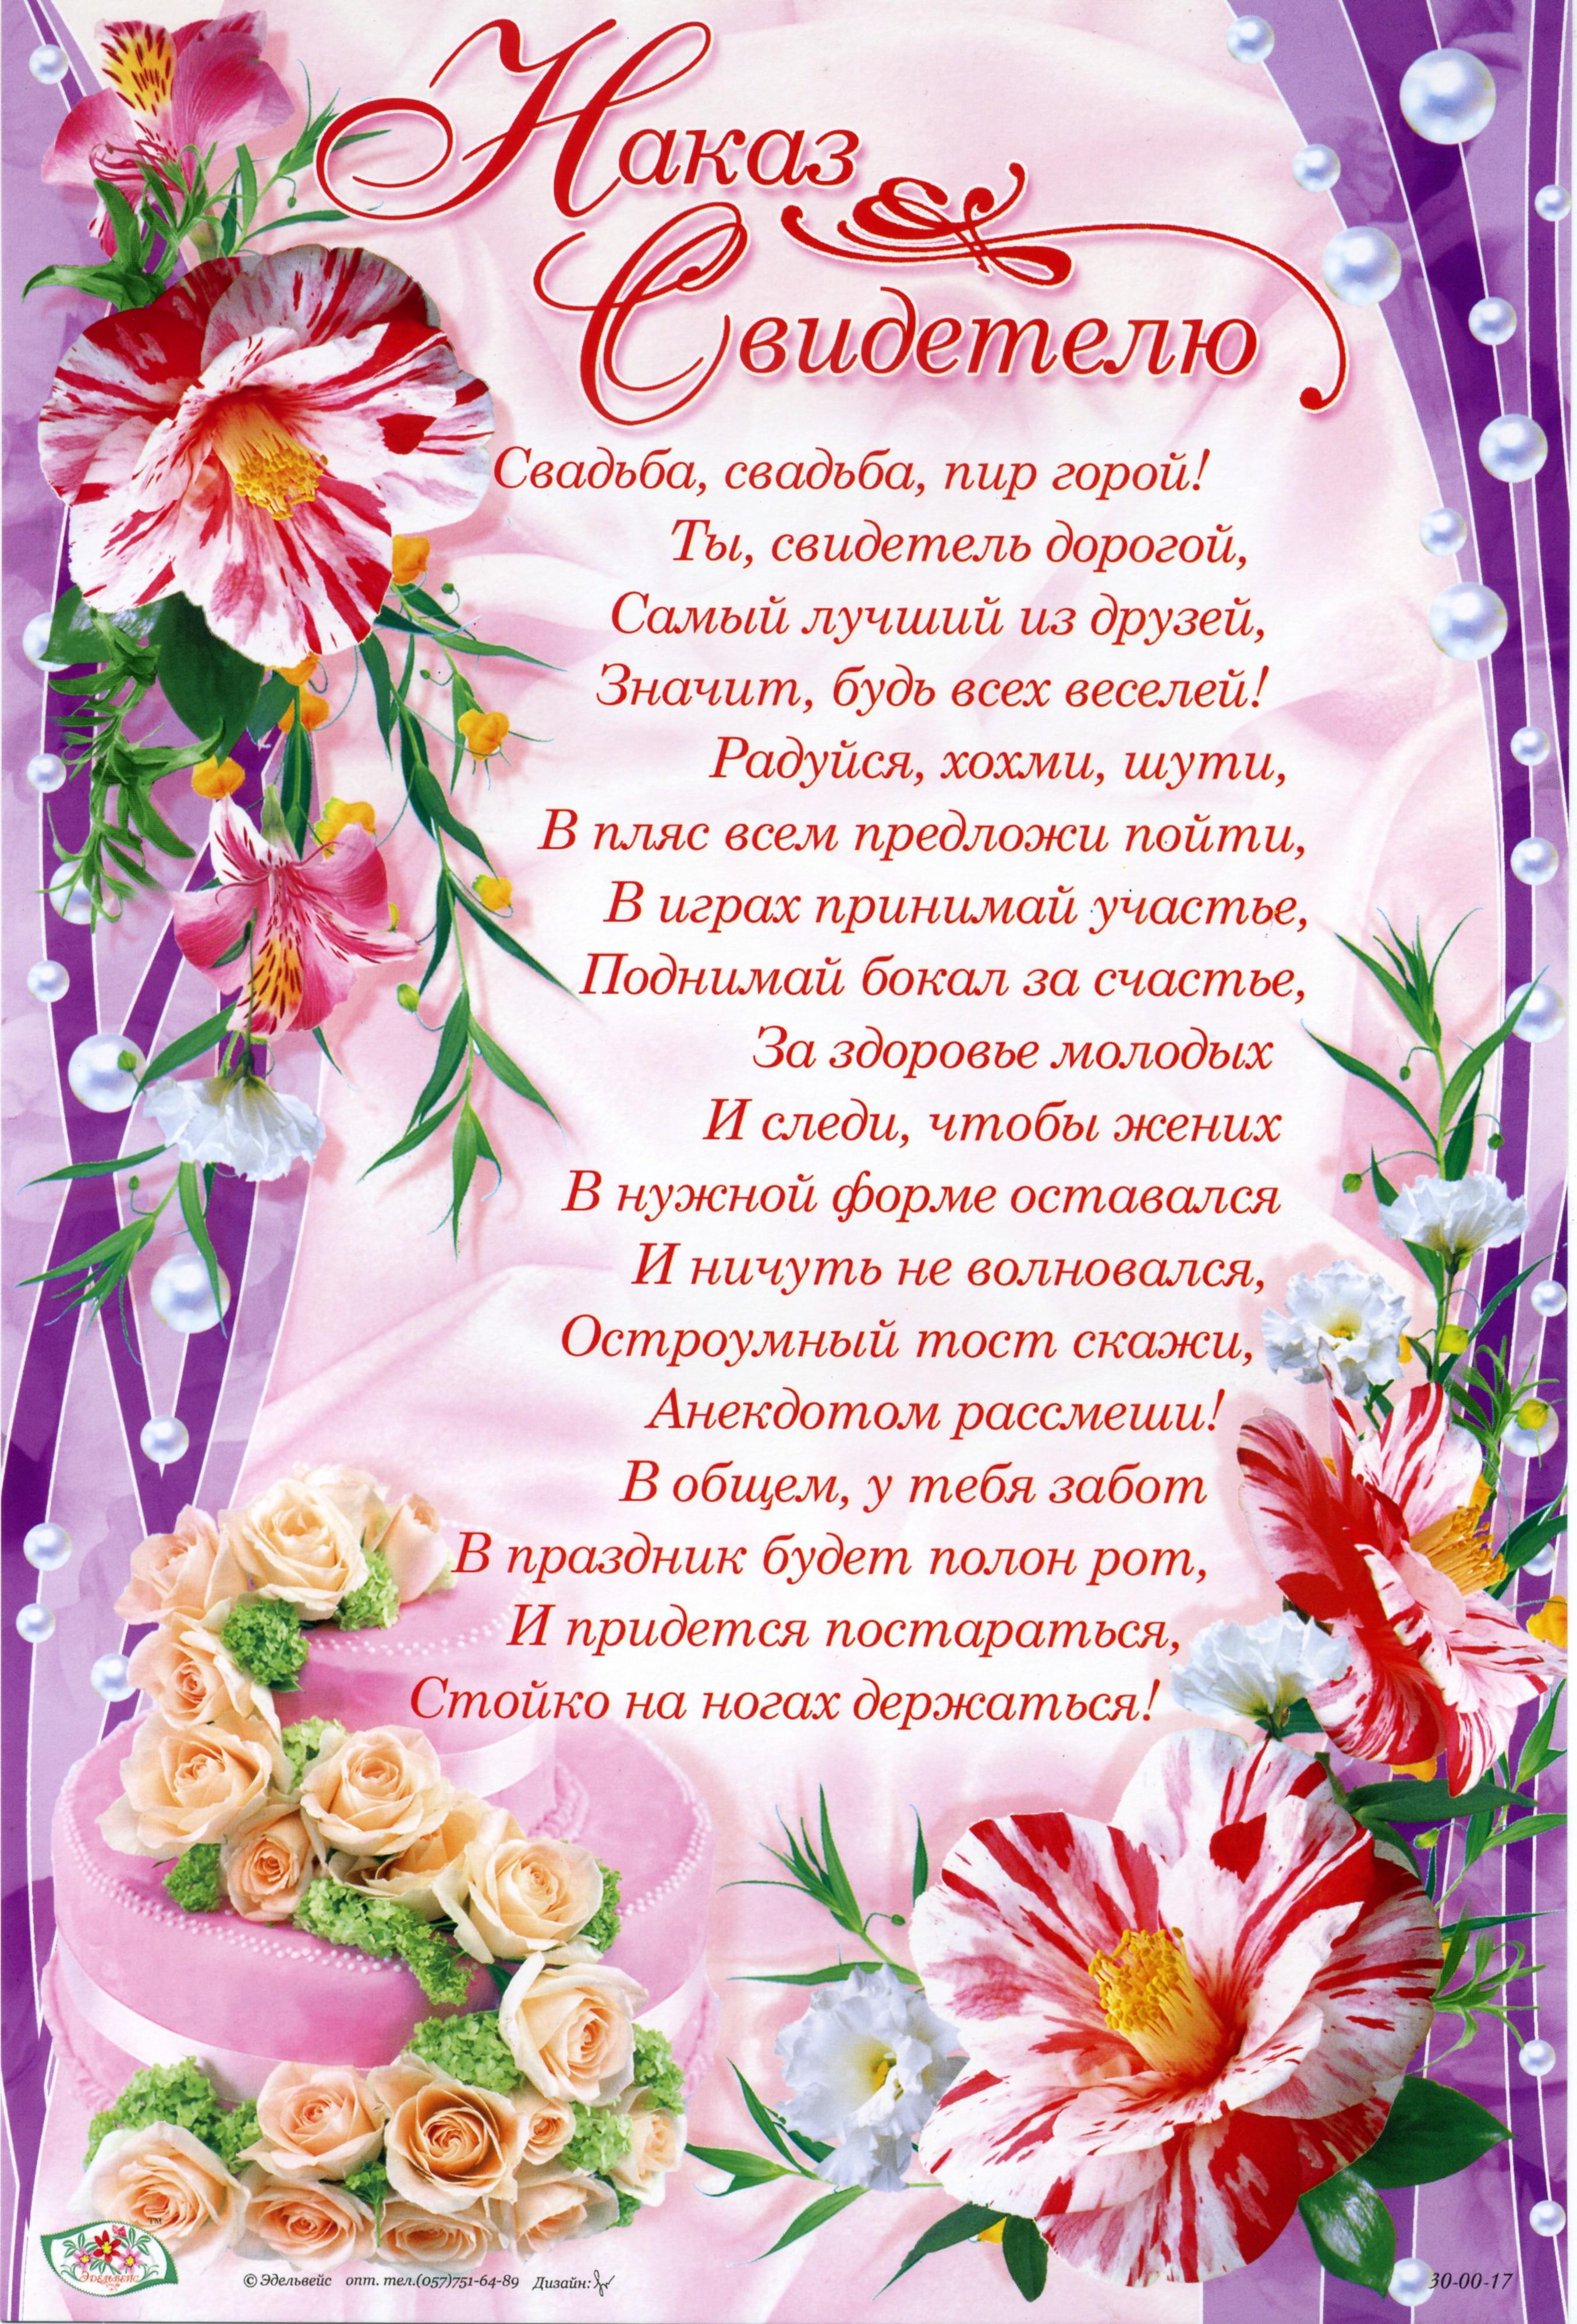 Веселое поздравление на свадьбу от свидетеля 38